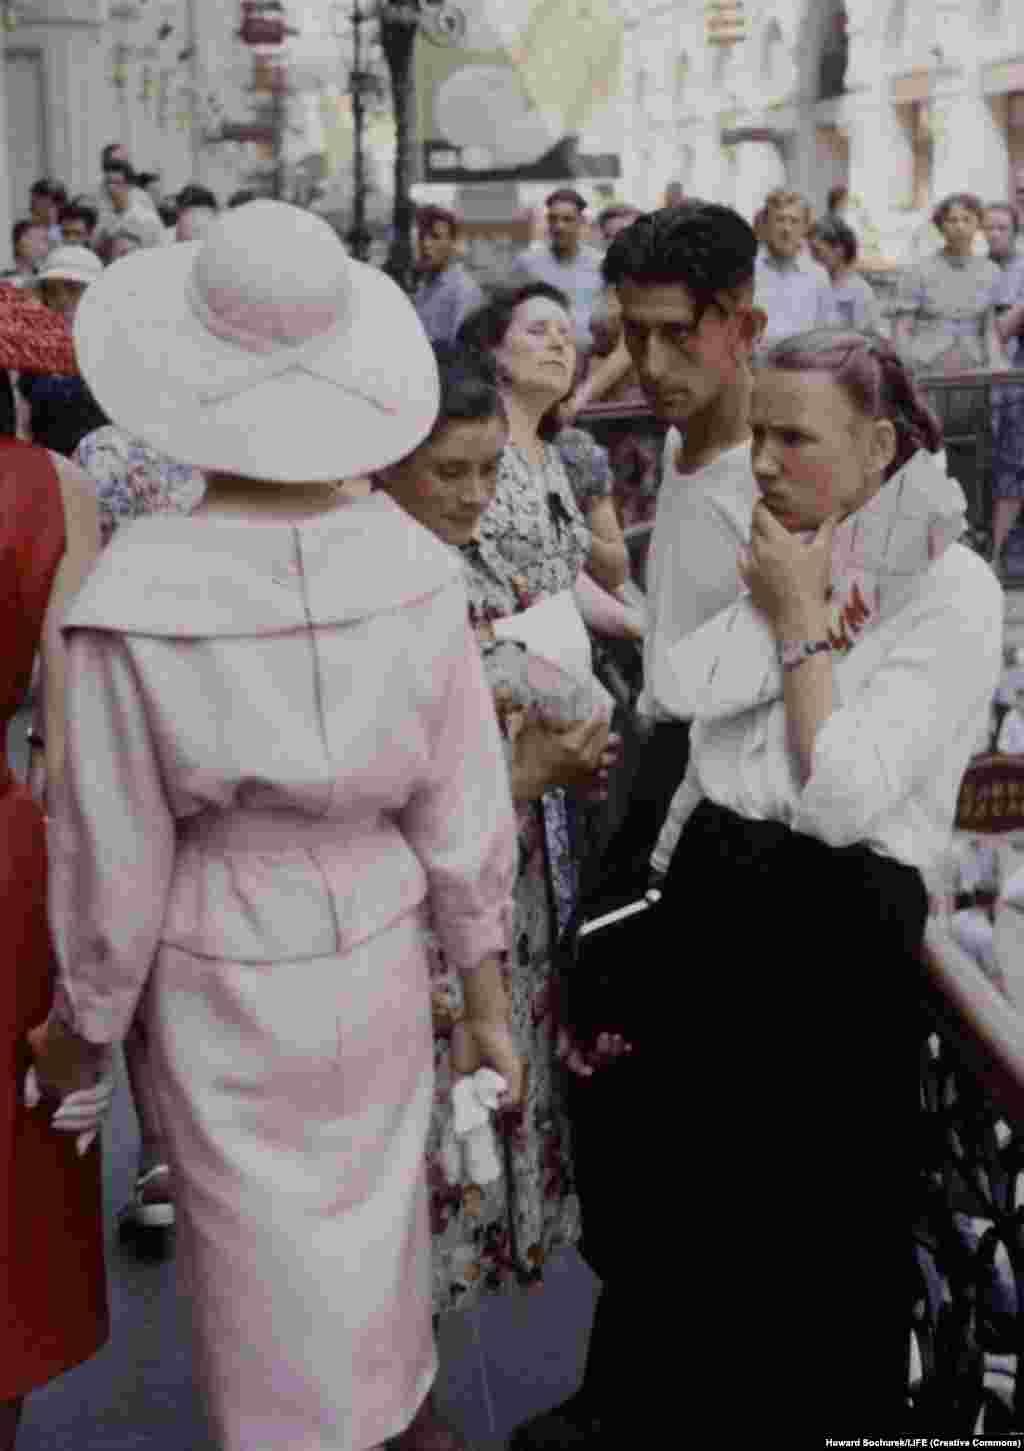 Французская модель прогуливается по ГУМу. Эти фотографии сделаны в июне 1959 года во время посещения Москвы группой моделей легендарного французского дома моды Кристиана Диора.